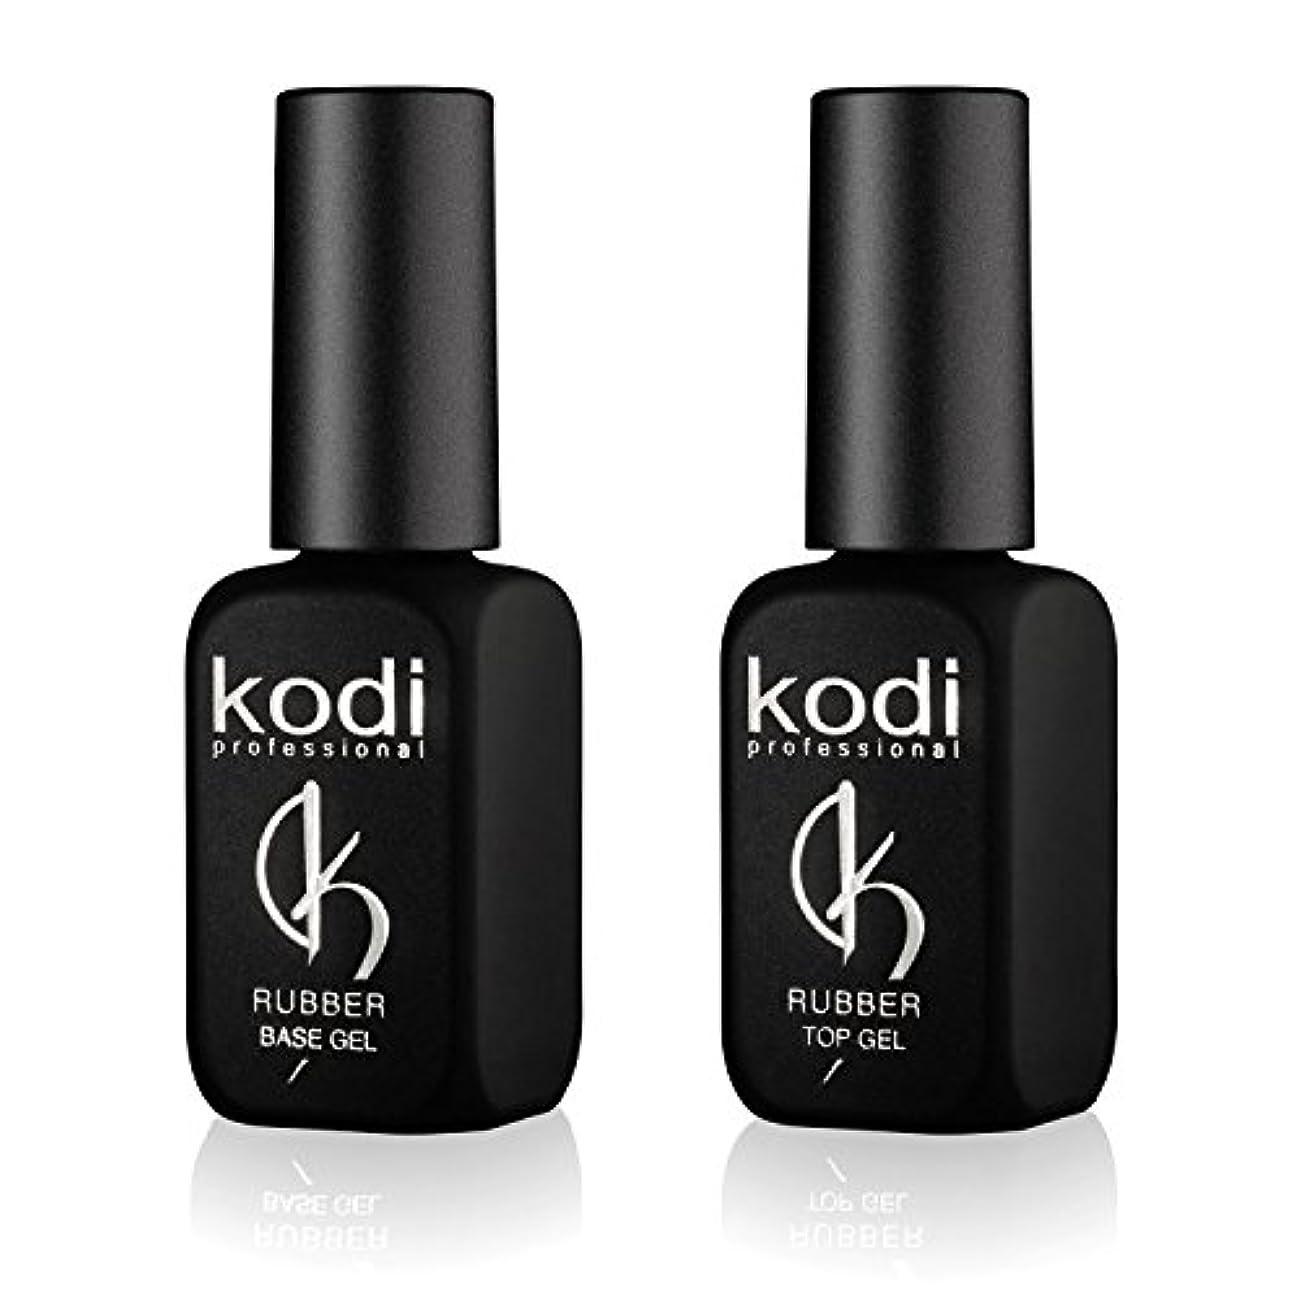 代表する個人的に許容Kodi プロフェッショナルラバートップ&ベースジェルセット| 12ml 0.42オンス|爪のソークオフとポリッシュ コートキット|長持ちするネイルレイヤー|使いやすい、無毒&無香料| LEDまたはUVランプの下で硬化